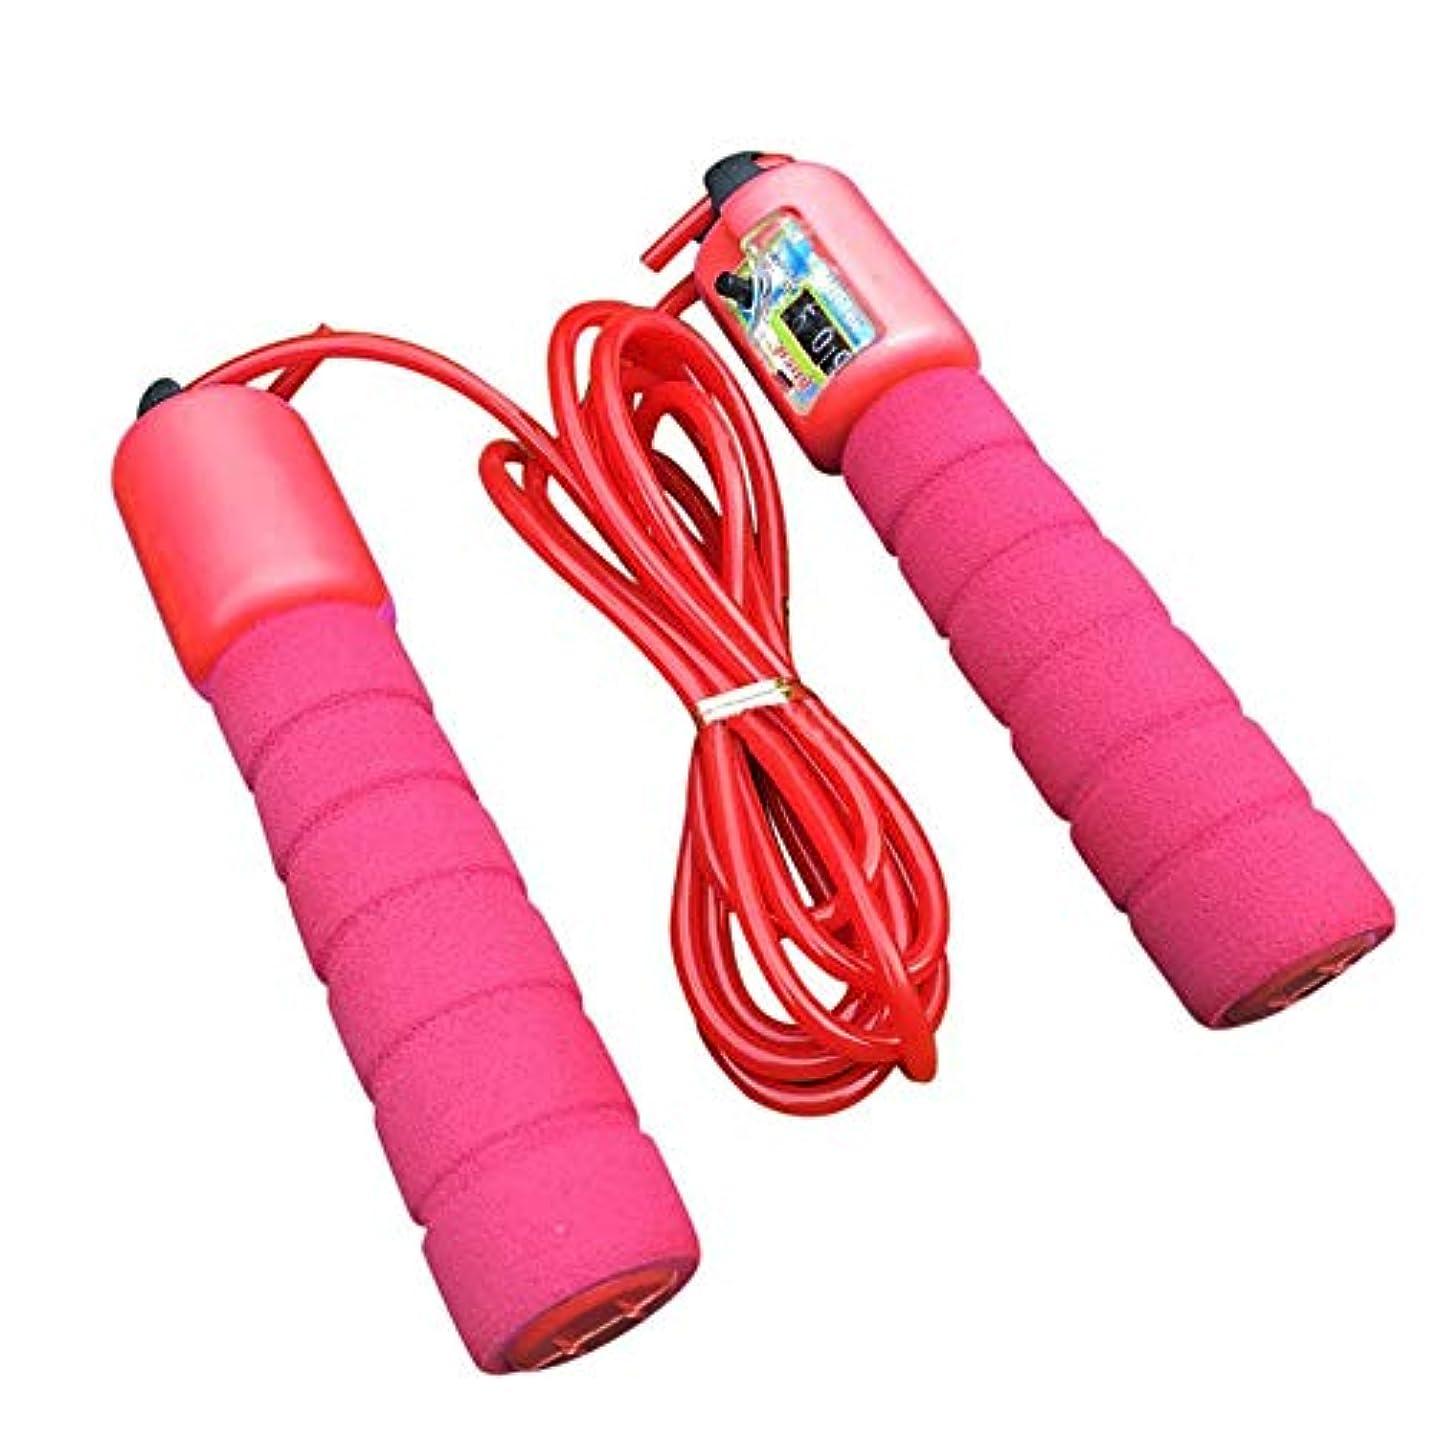 不忠空白一人で調整可能なプロフェッショナルカウント縄跳び自動カウントジャンプロープフィットネス運動高速カウントジャンプロープ - 赤